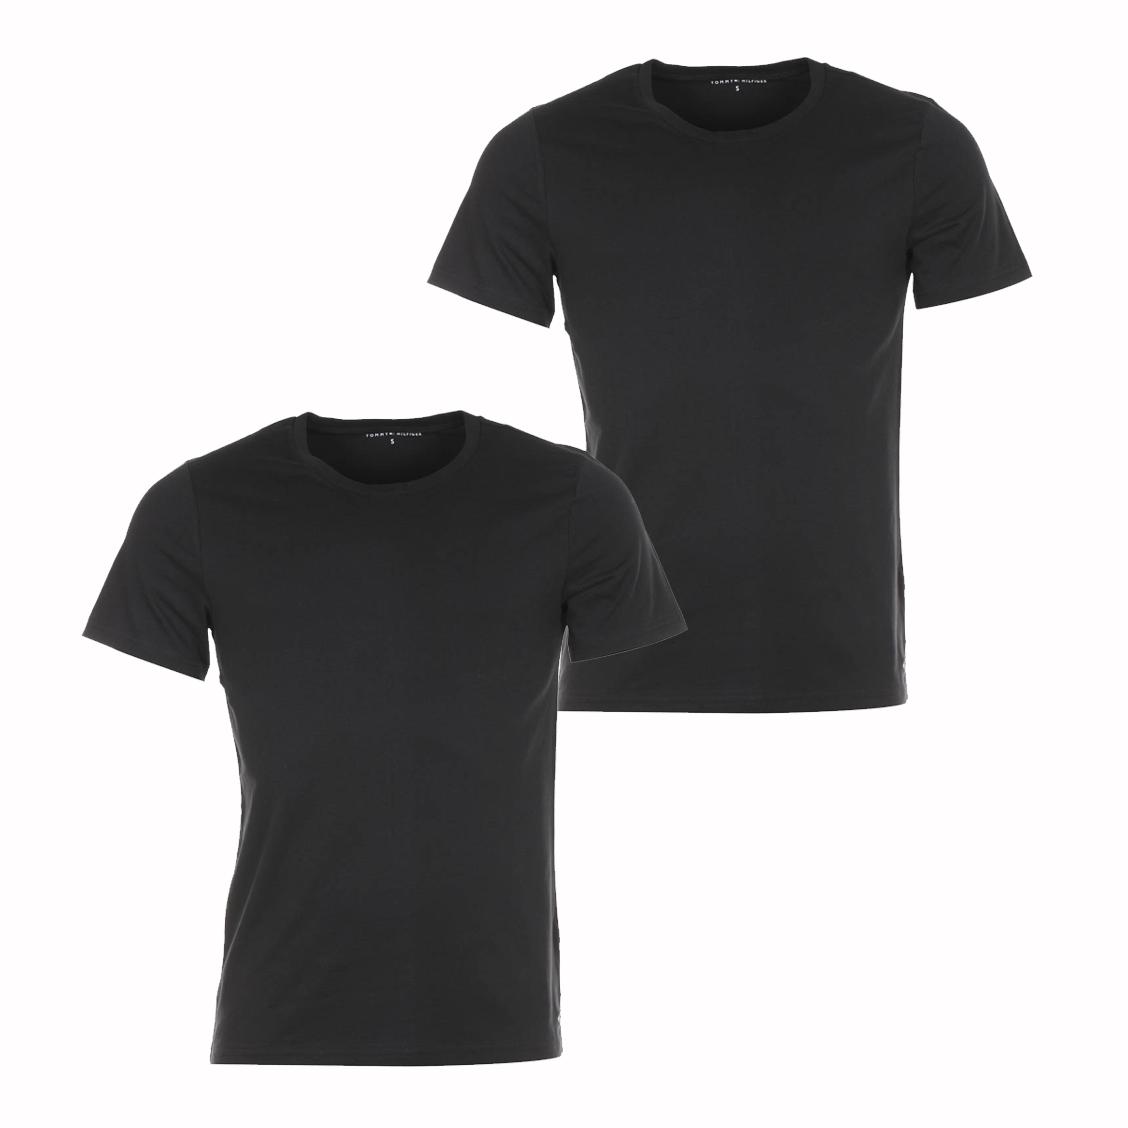 lot de 2 tee-shirts à col rond Tommy Hilfiger en coton noir